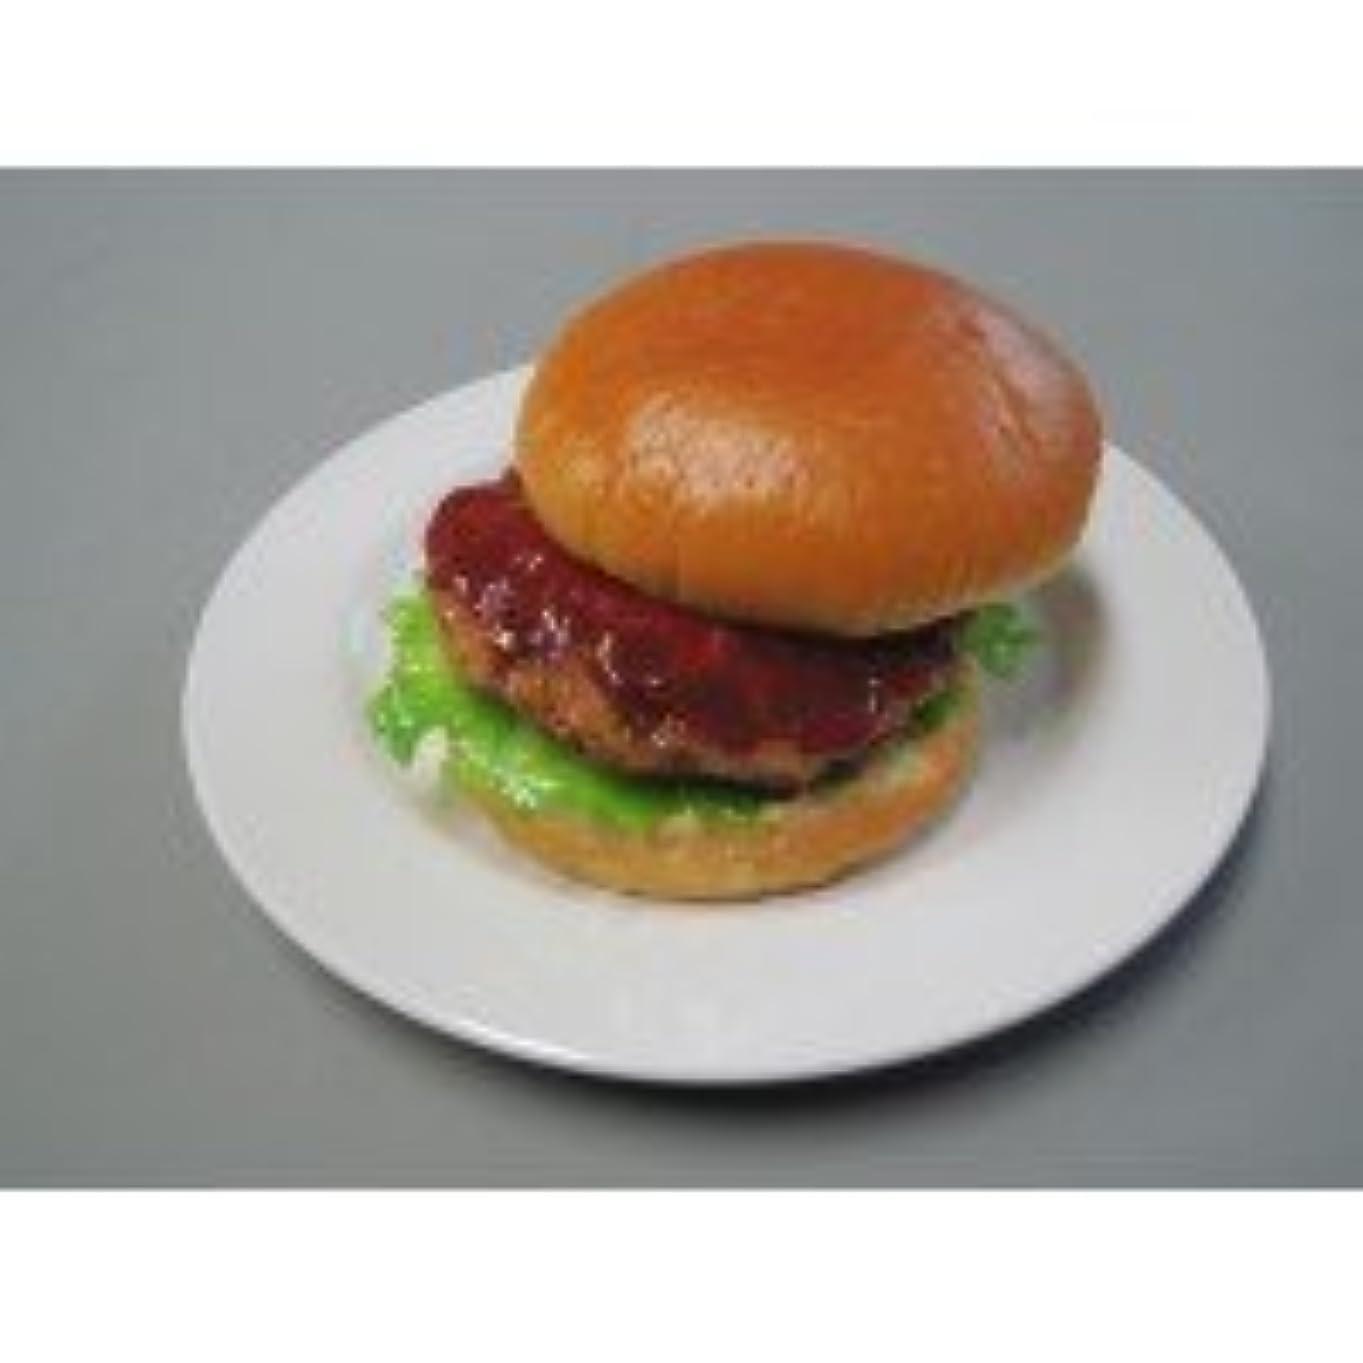 説教バスケットボールマウントバンク日本職人が作る 食品サンプル ハンバーガー IP-198